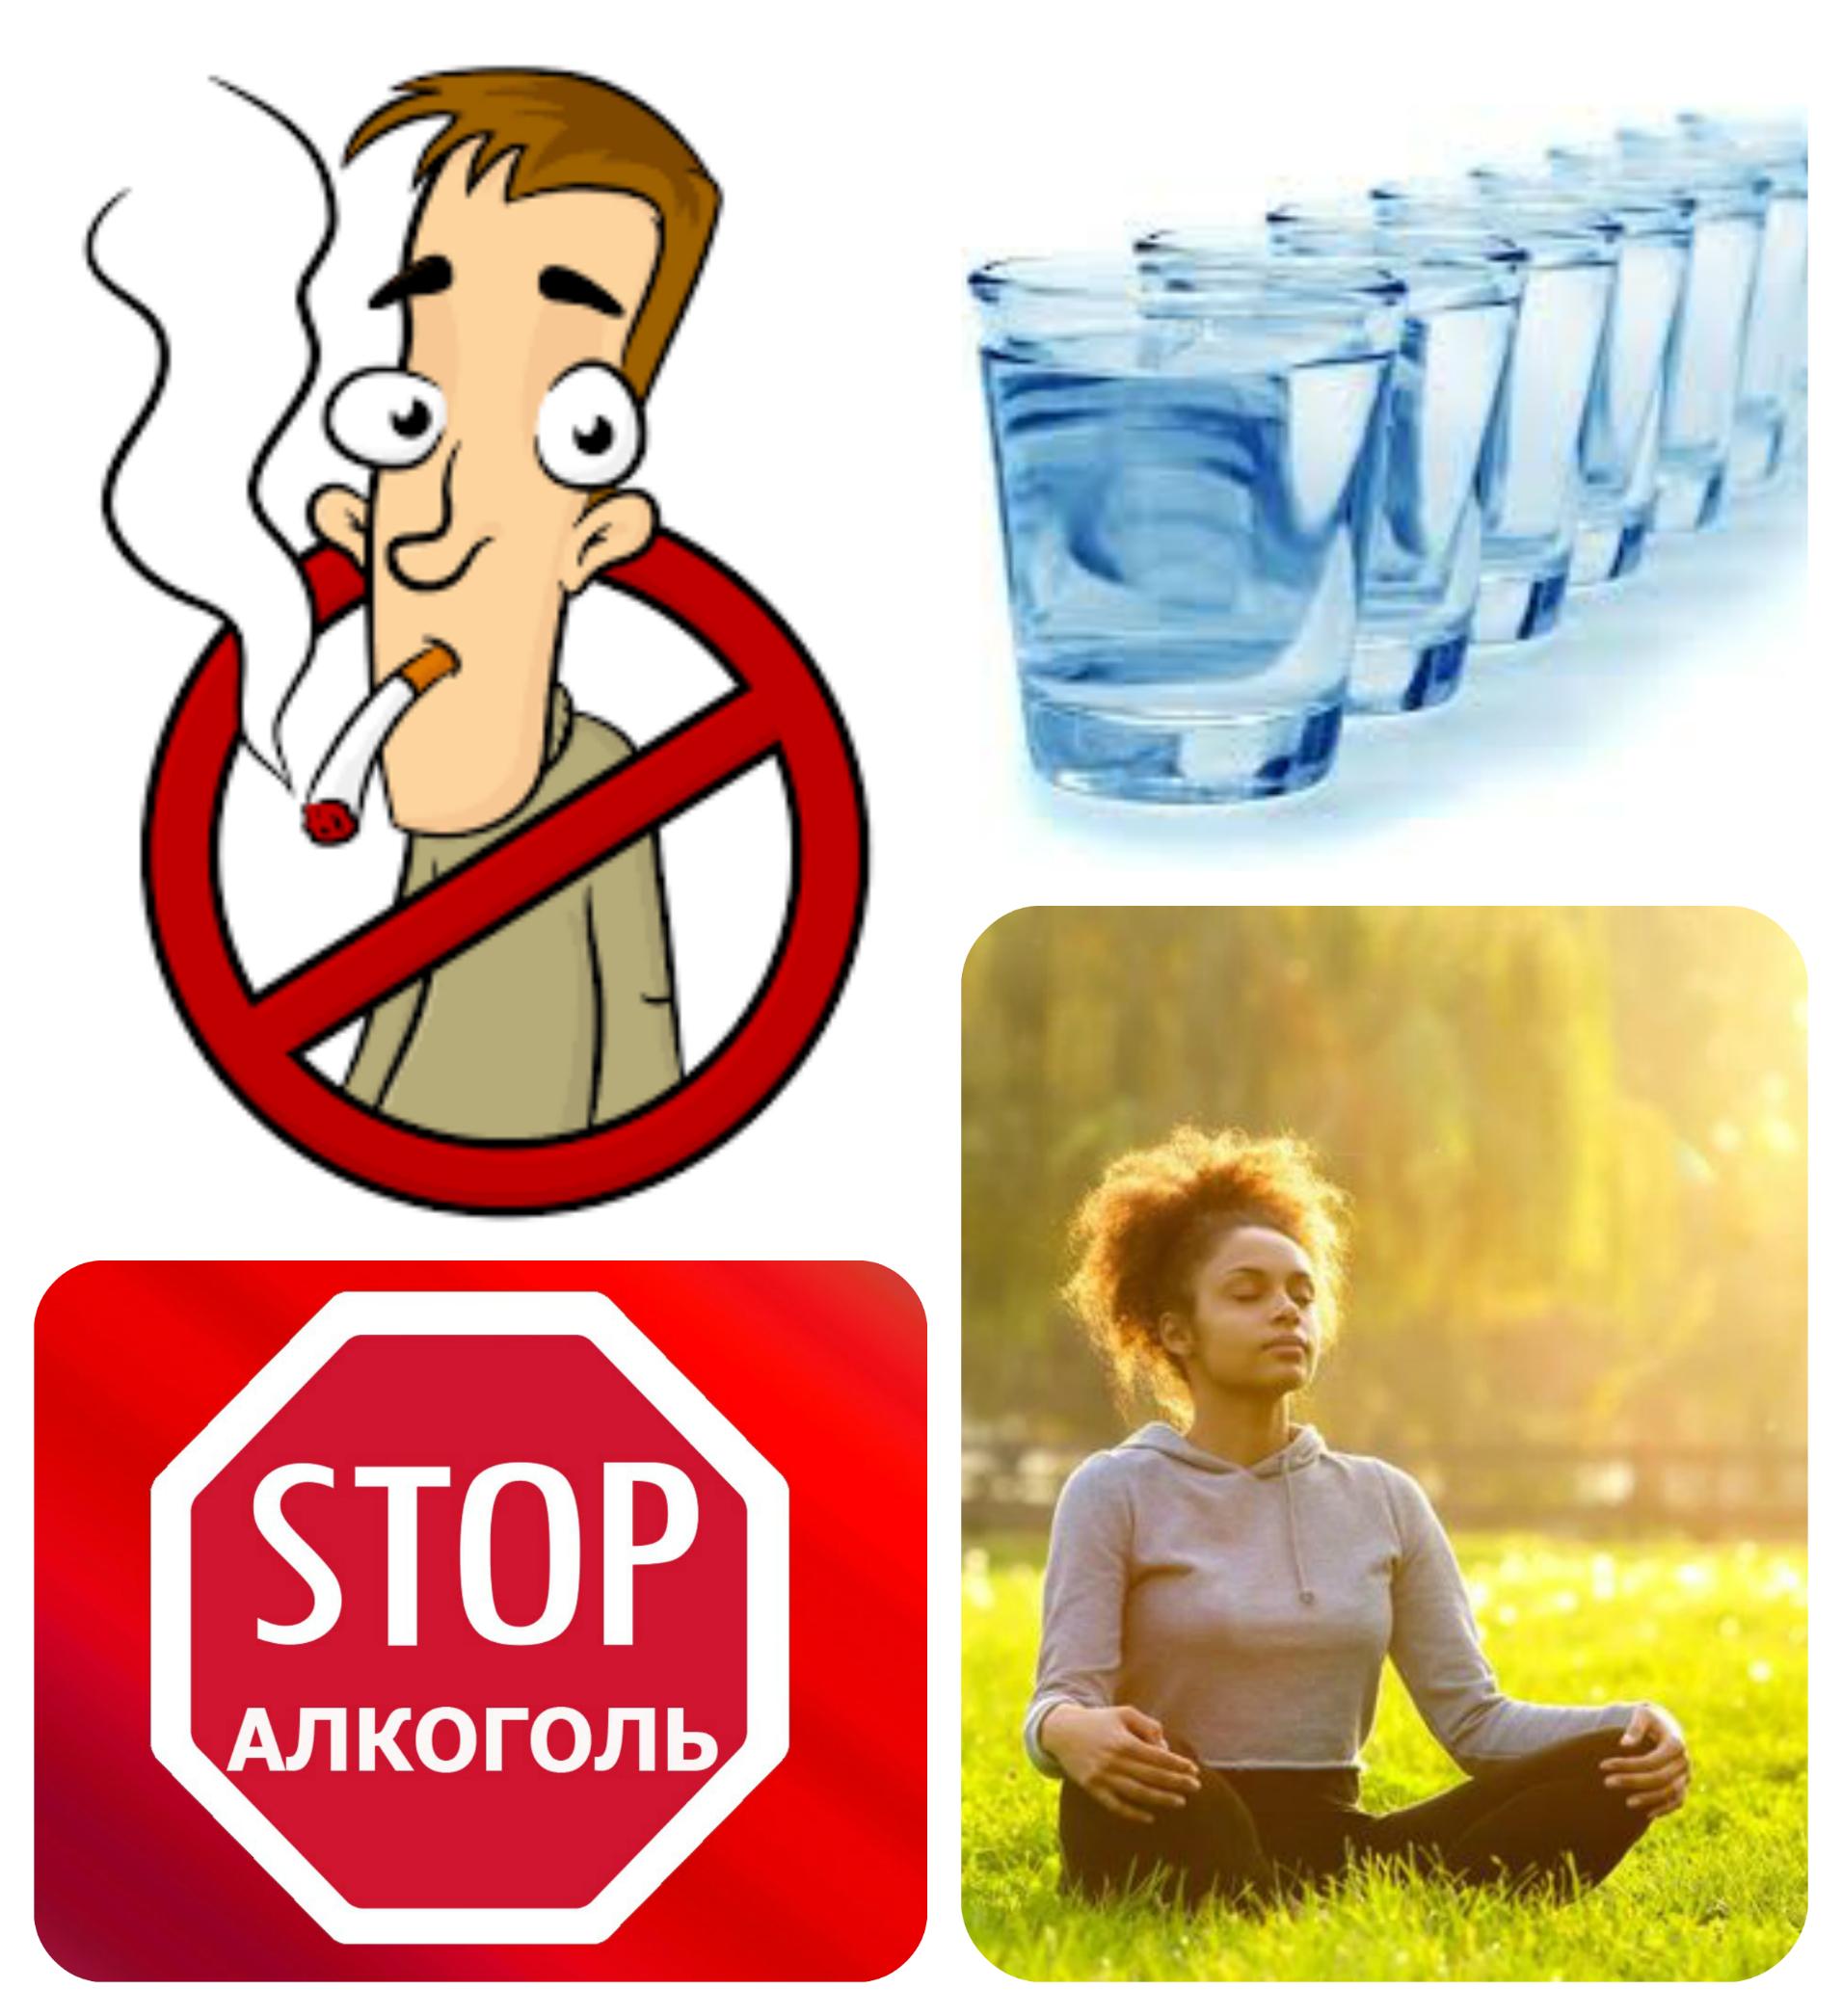 отказ от курения и алкоголя, больше пить воды,релаксация